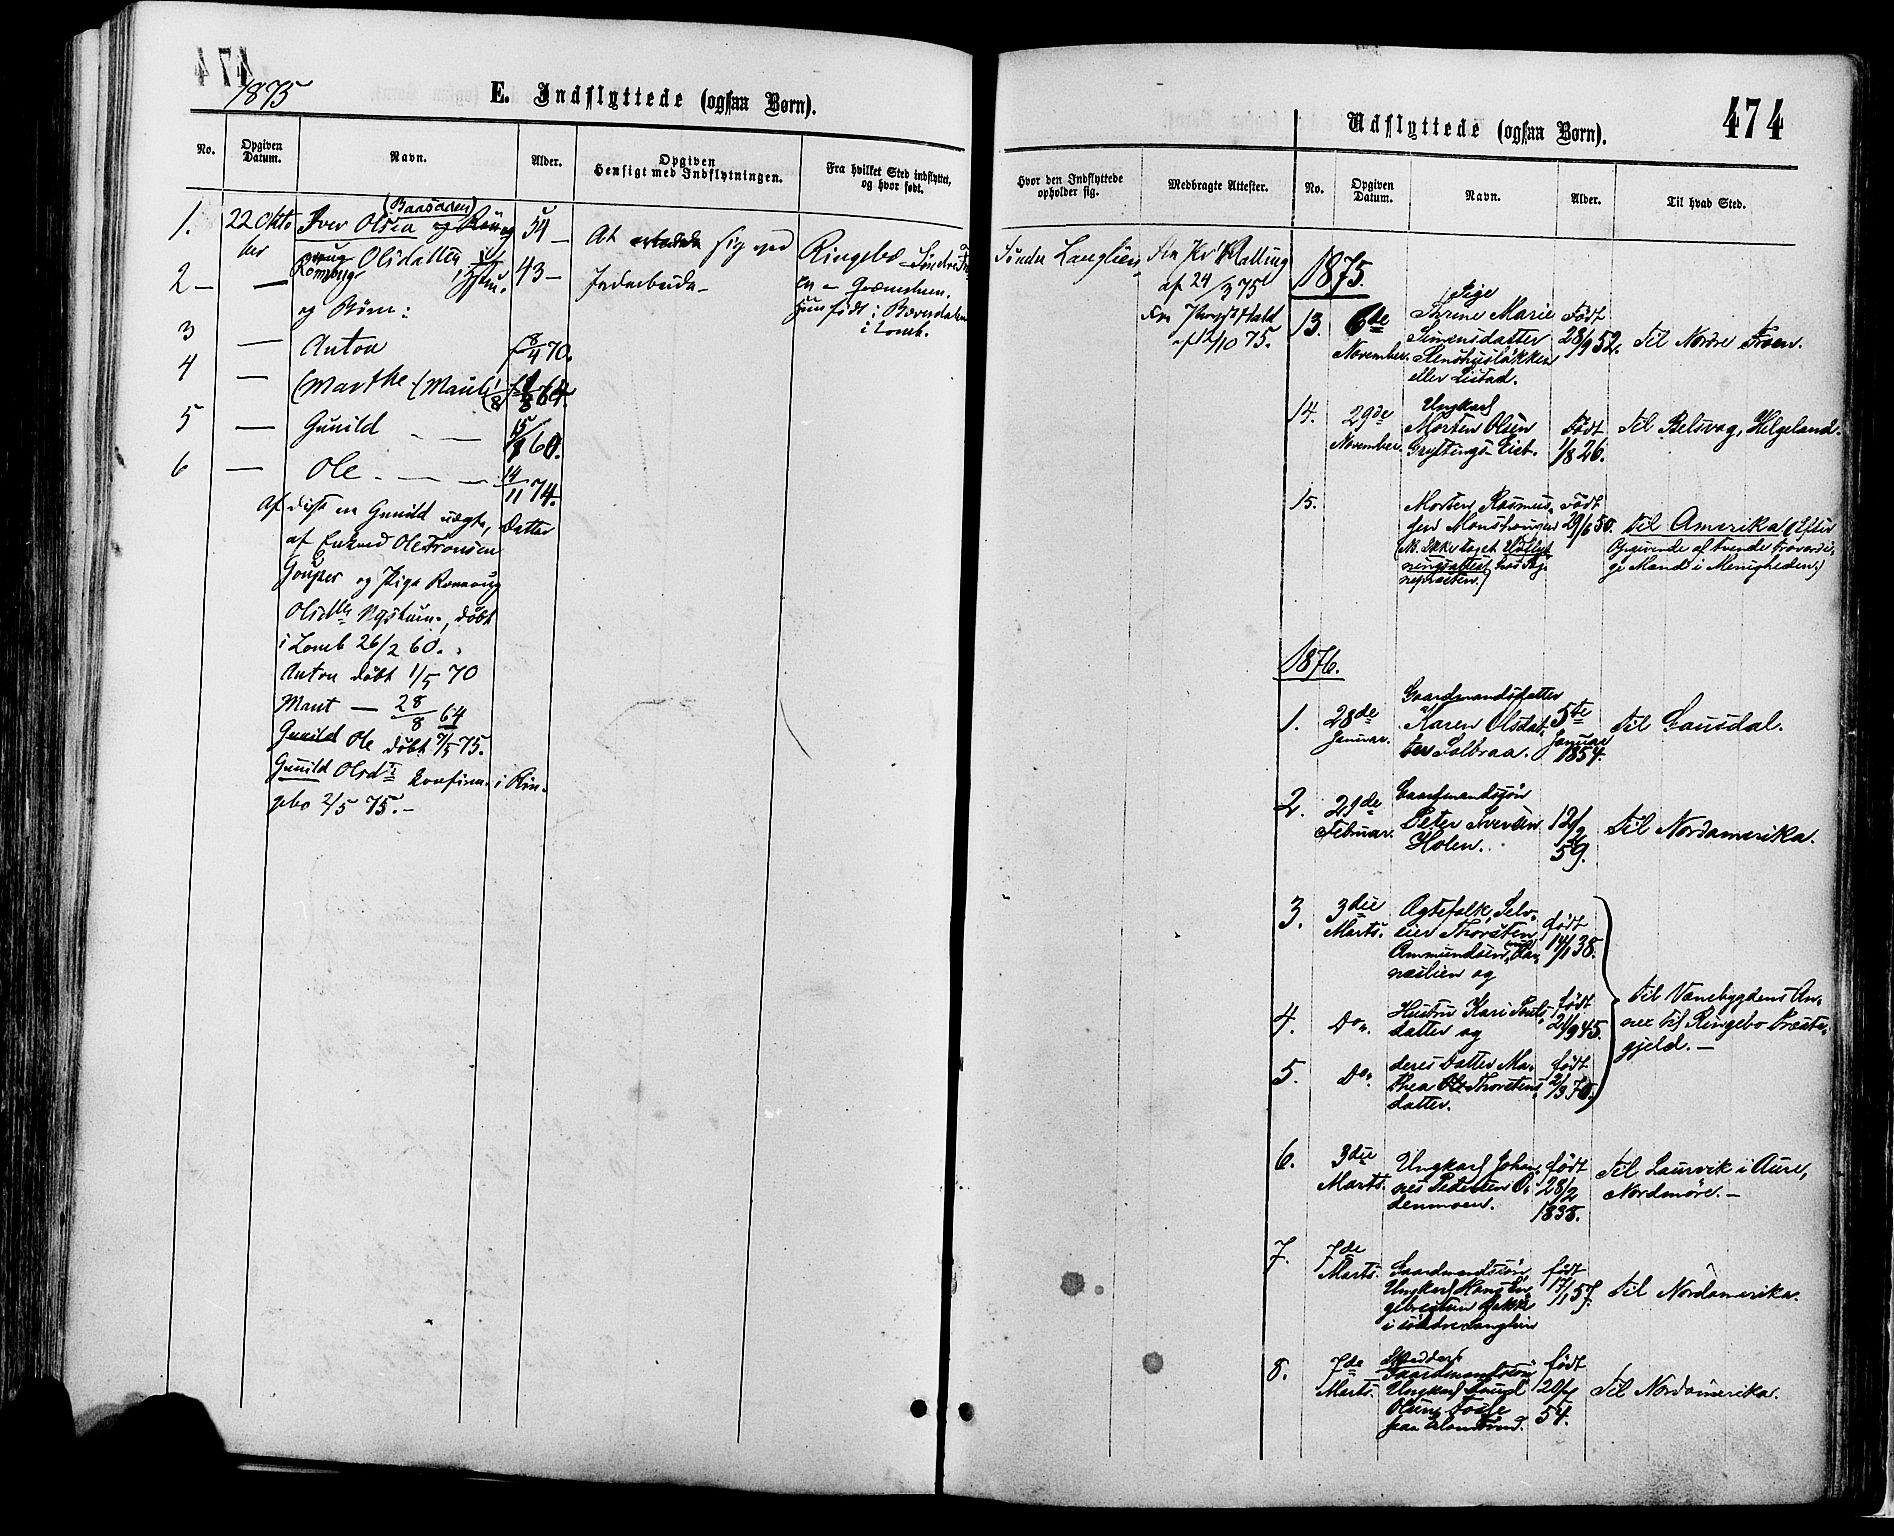 SAH, Sør-Fron prestekontor, H/Ha/Haa/L0002: Ministerialbok nr. 2, 1864-1880, s. 474